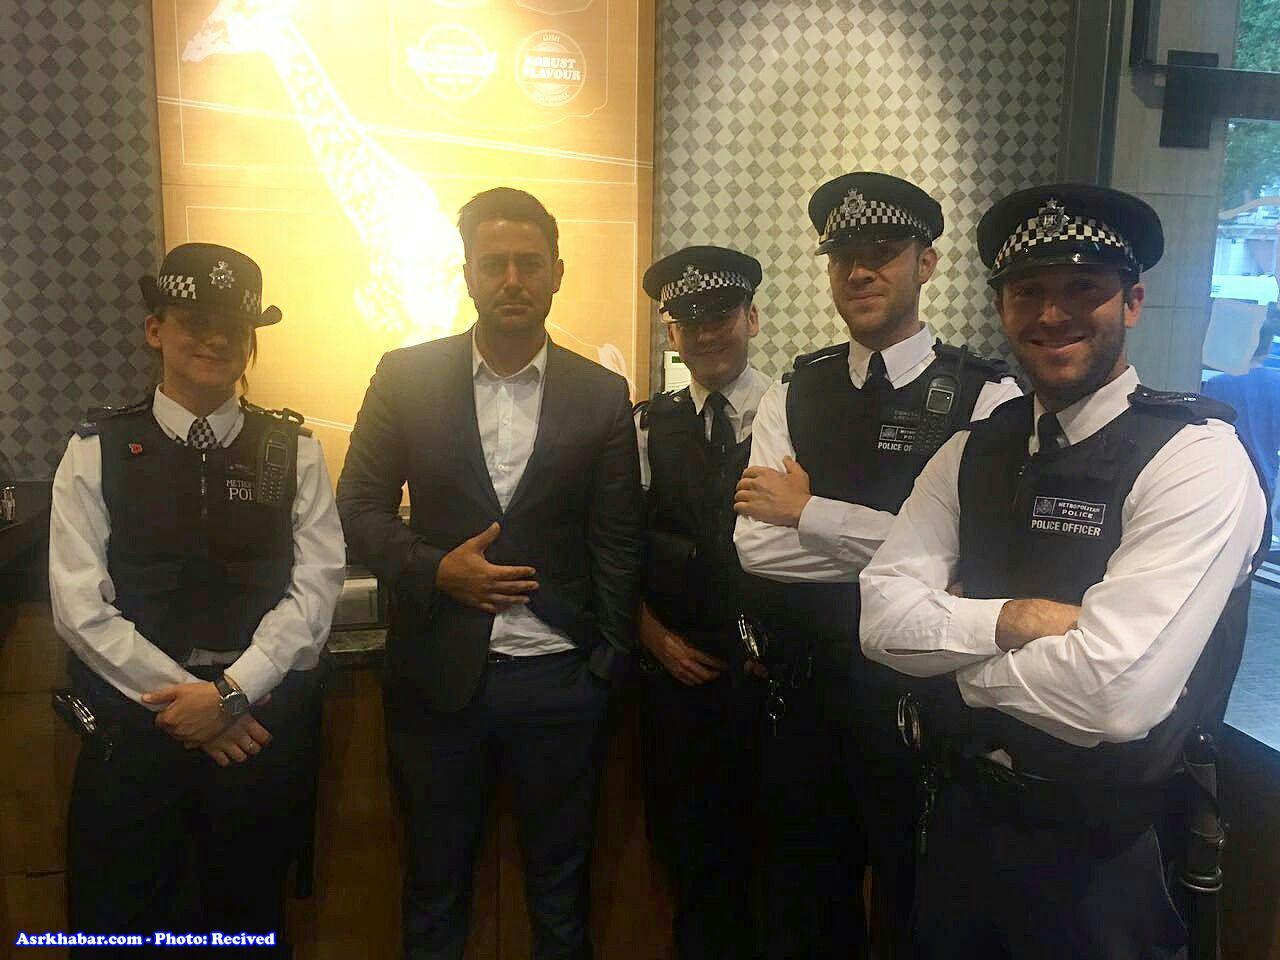 عکس یادگاری پلیس لندن با محمدرضاگلزار